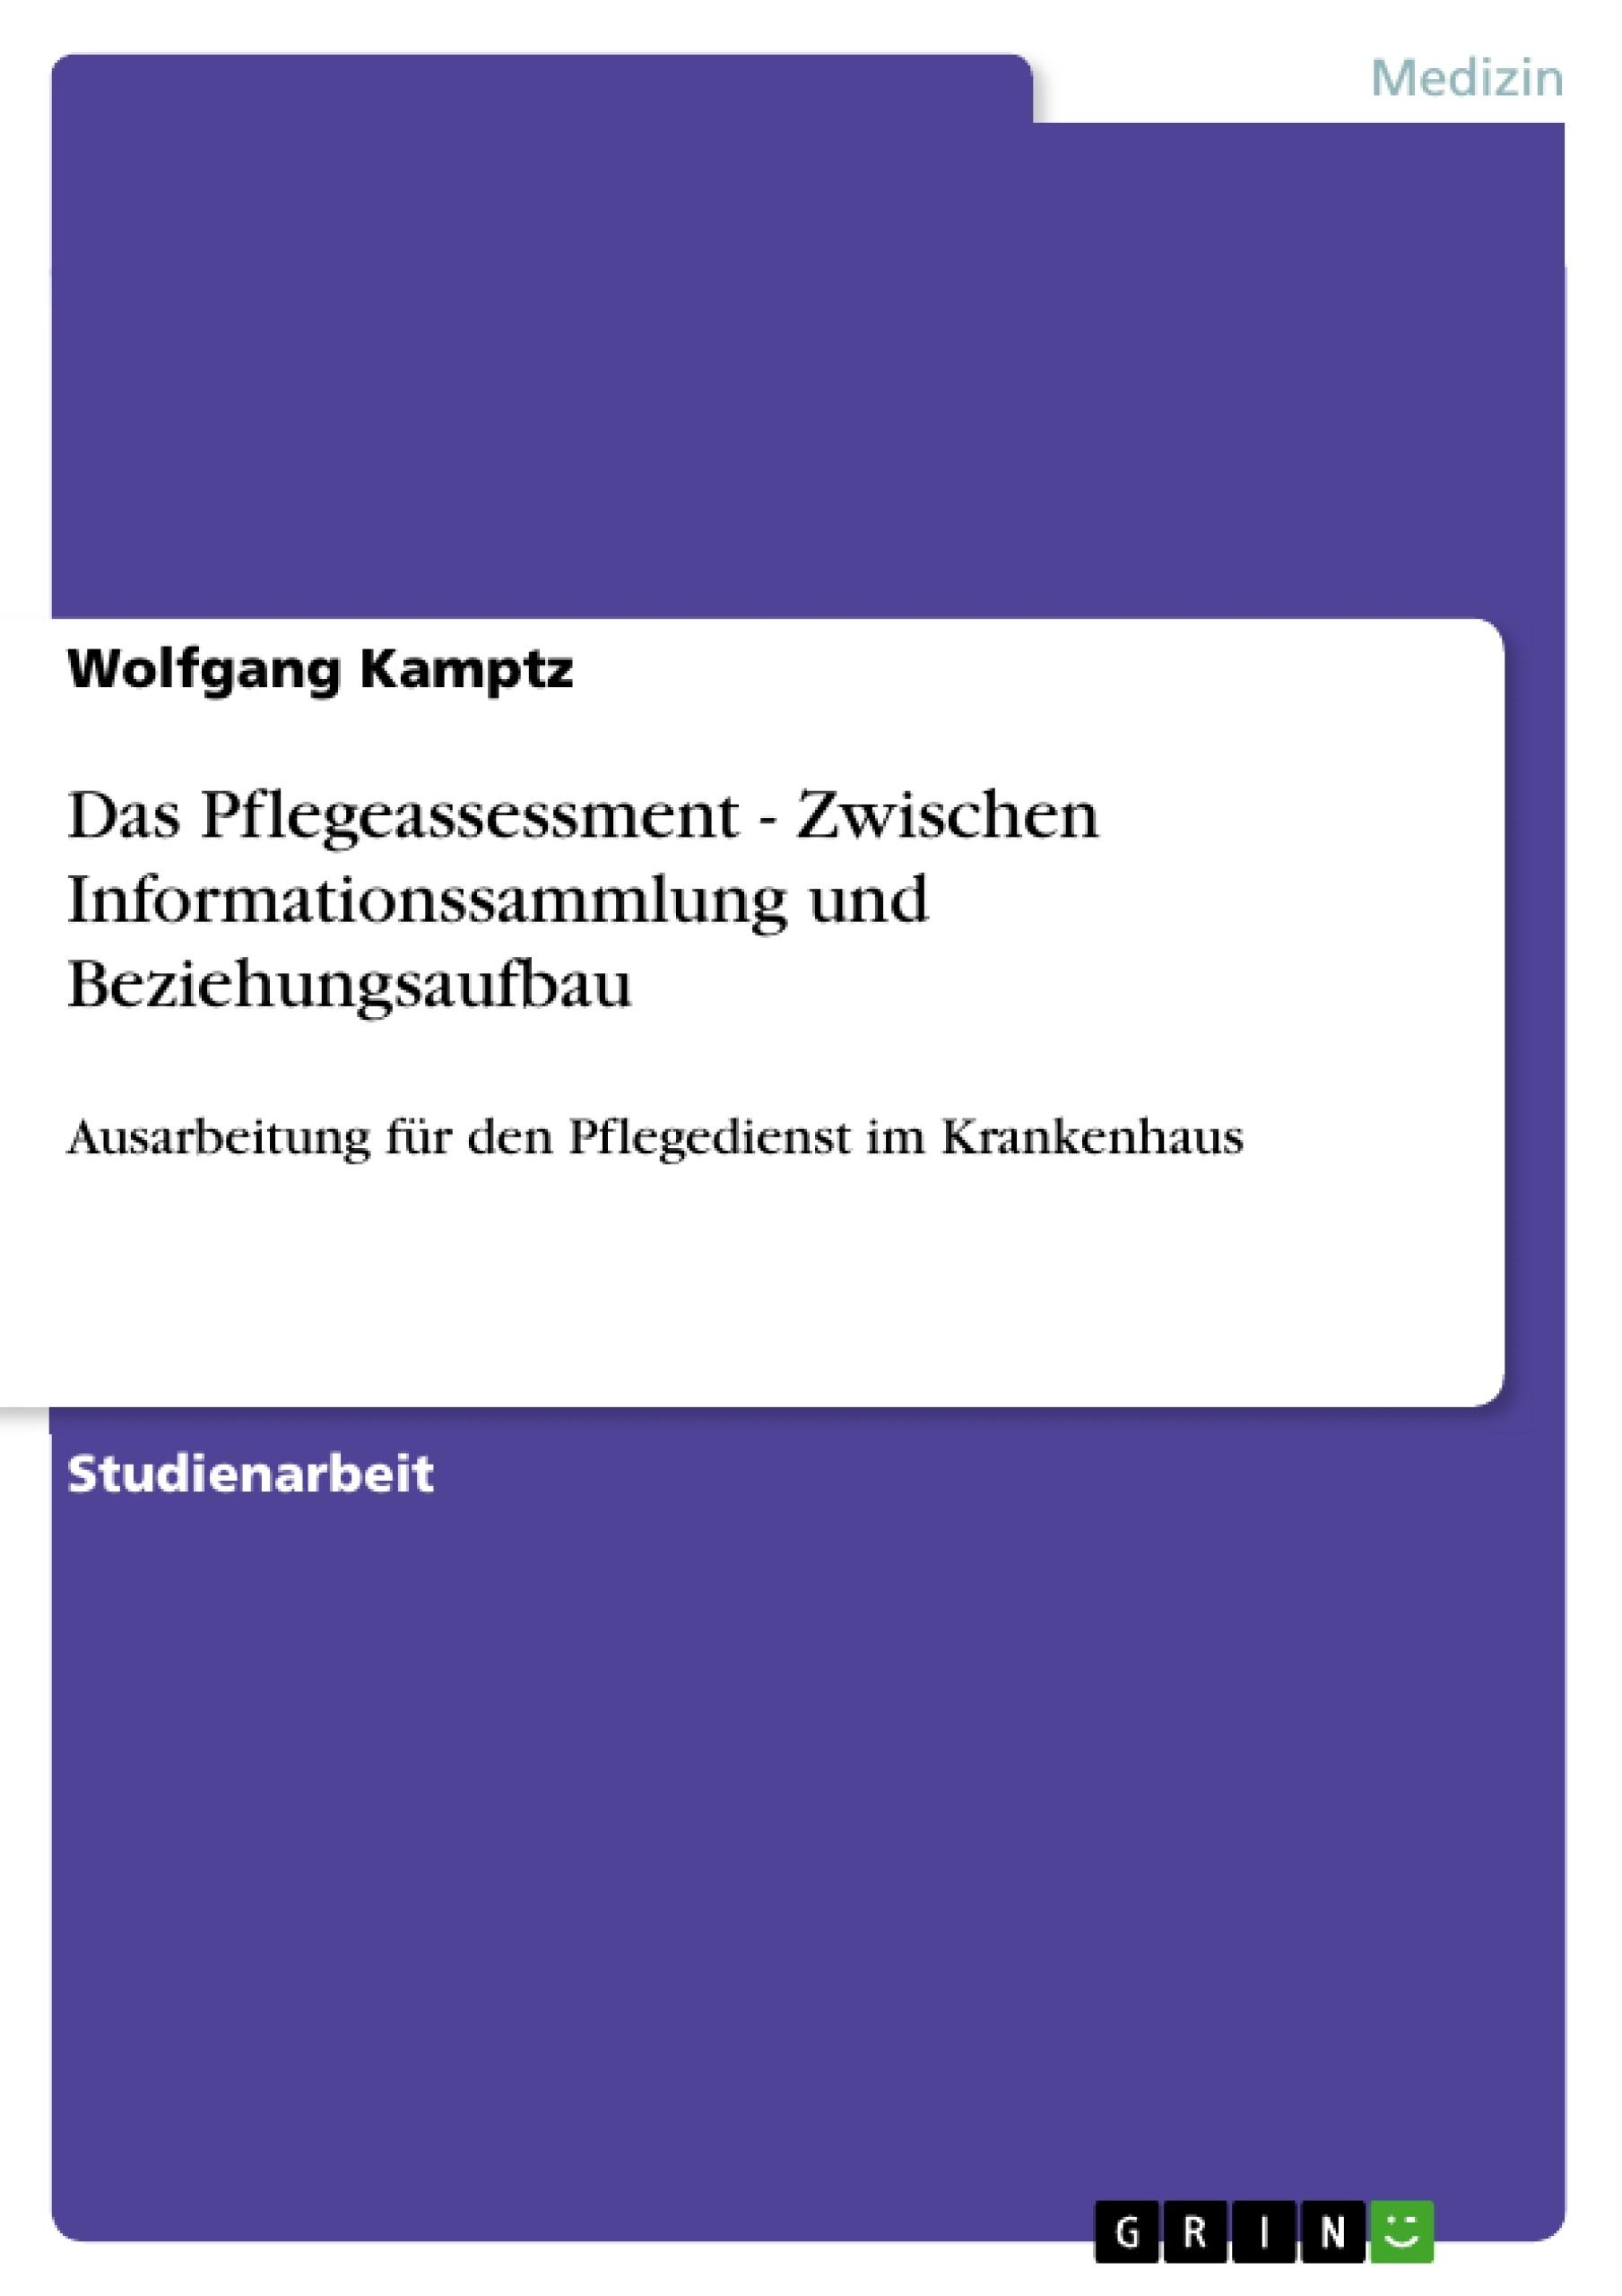 Titel: Das Pflegeassessment - Zwischen Informationssammlung und Beziehungsaufbau